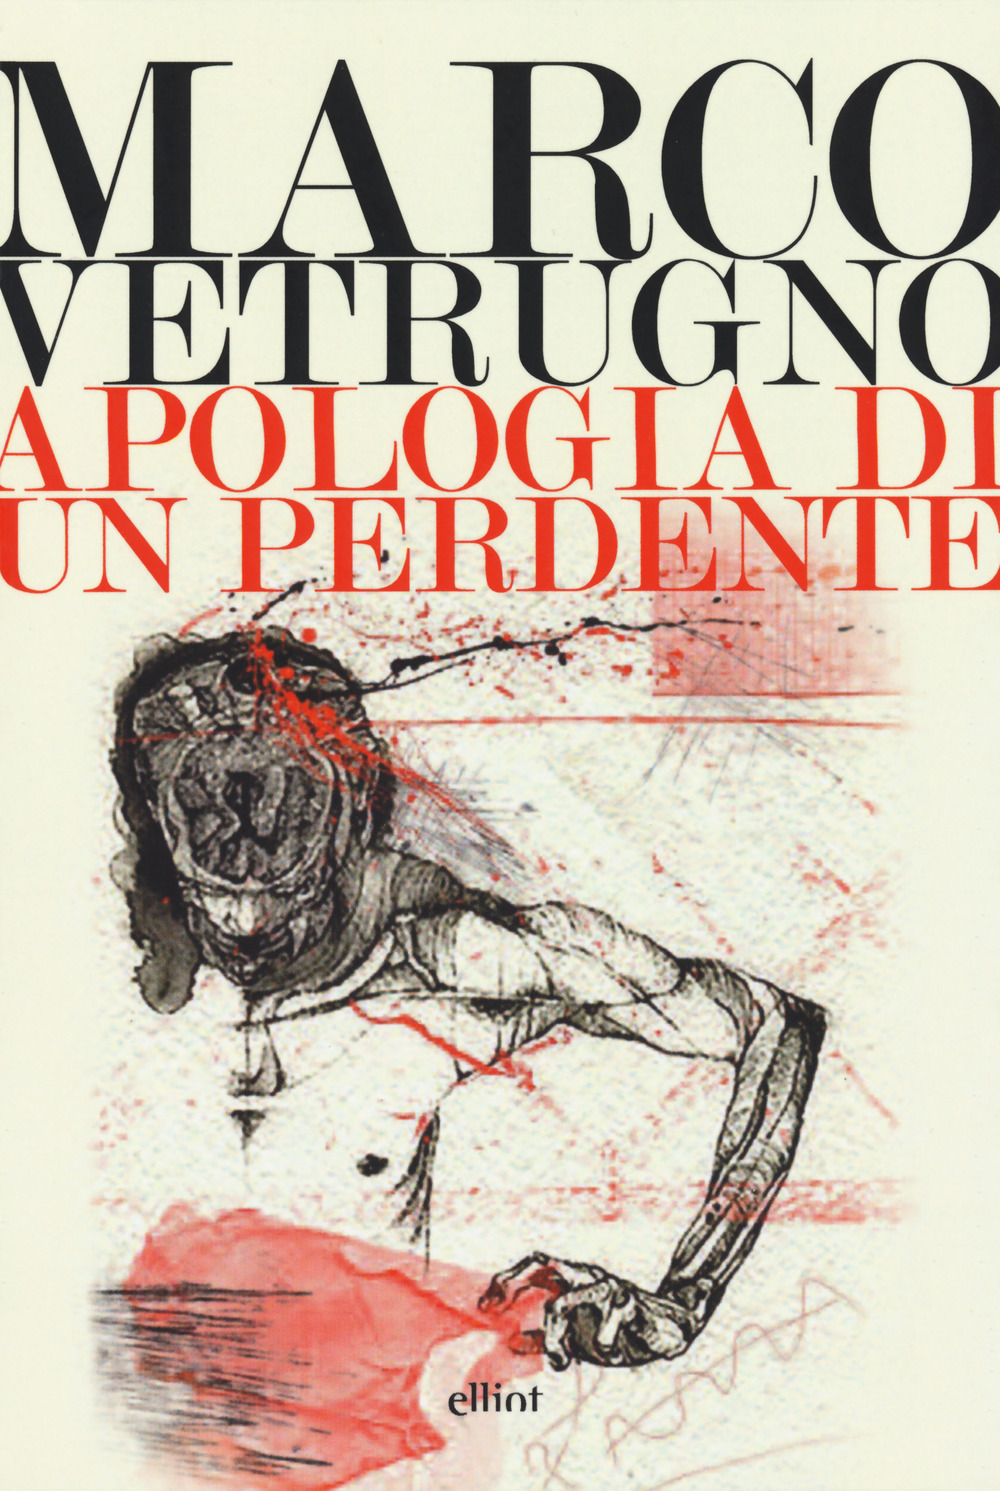 Apologia di un perdente – Marco Vetrugno